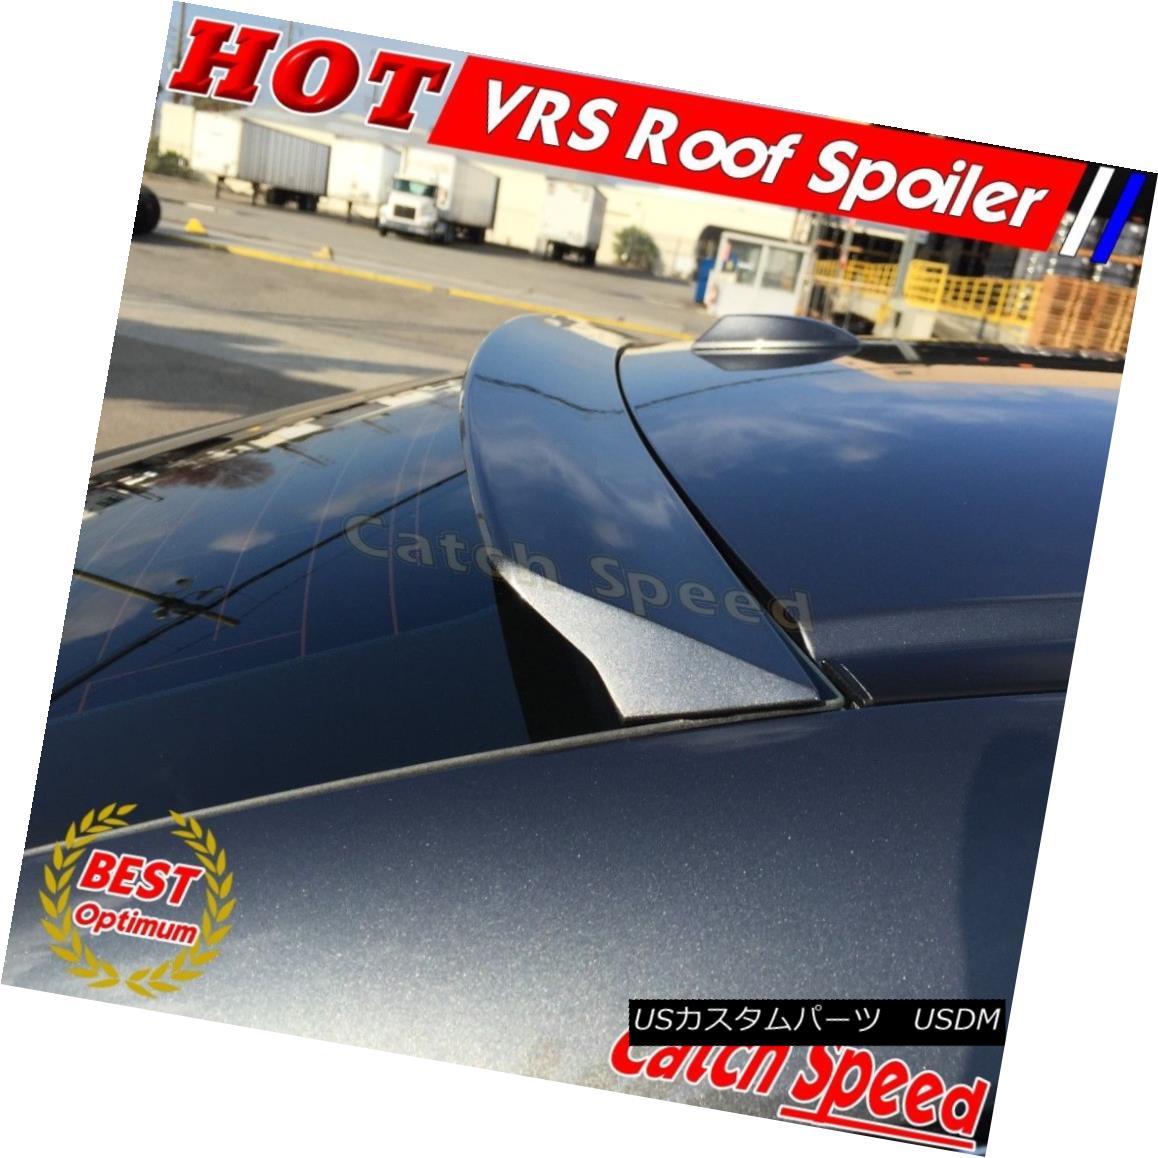 エアロパーツ Flat Black VRS Style Rear Roof Spoiler Wing For Cadillac ATS Sedan 2013-2015 キャデラックATSセダン2013-2015のフラットブラックVRSスタイルリアルーフスポイラーウィング